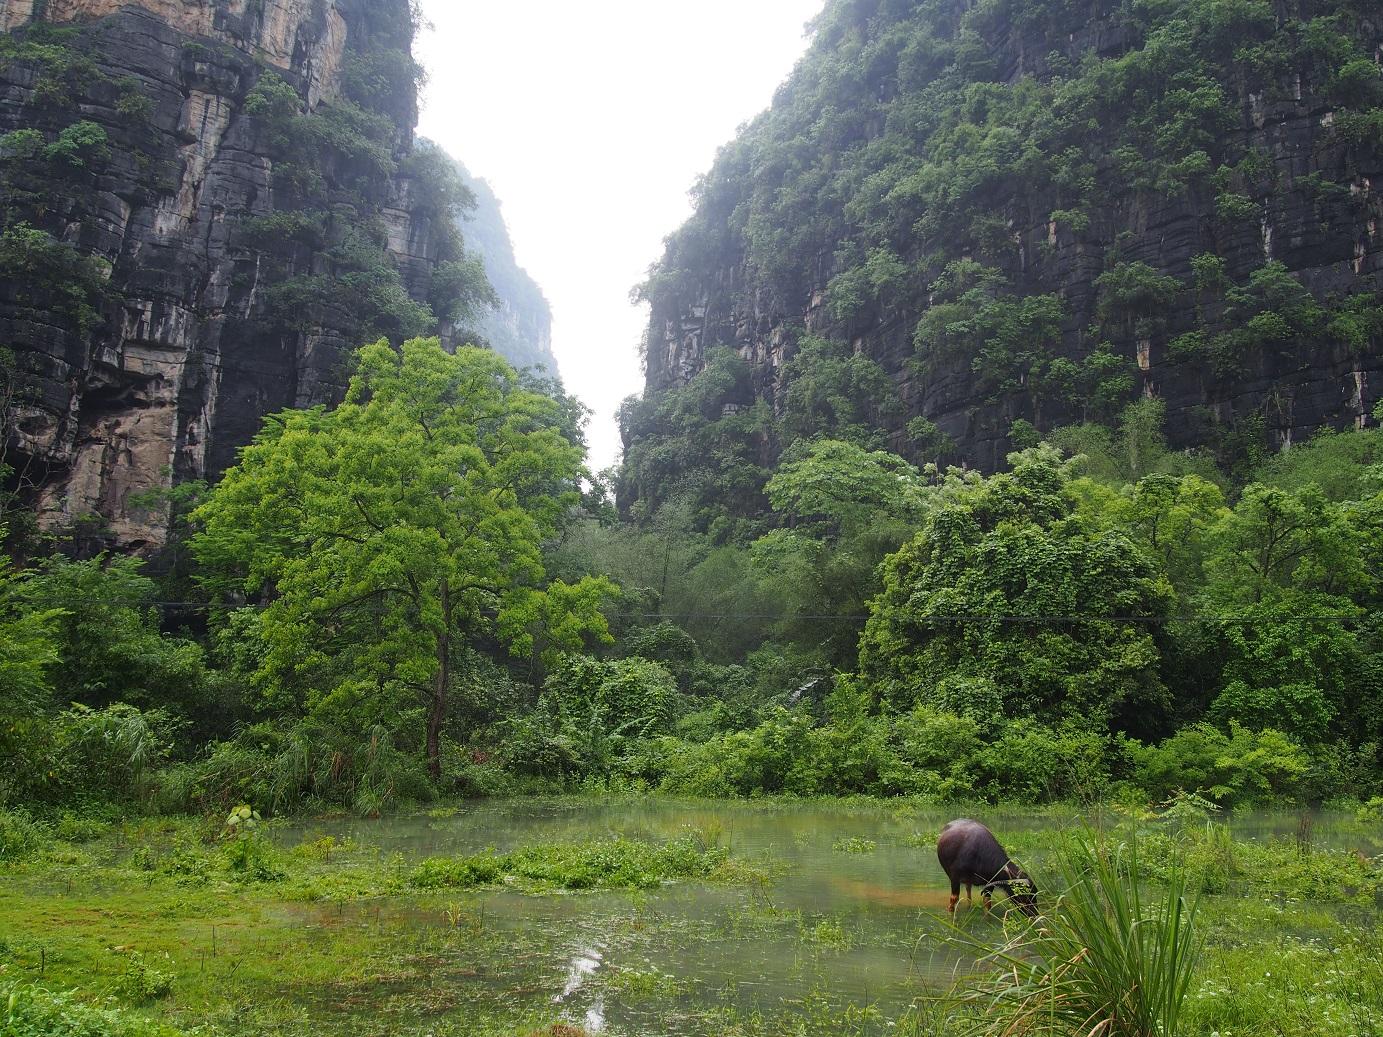 čínsky vidiek